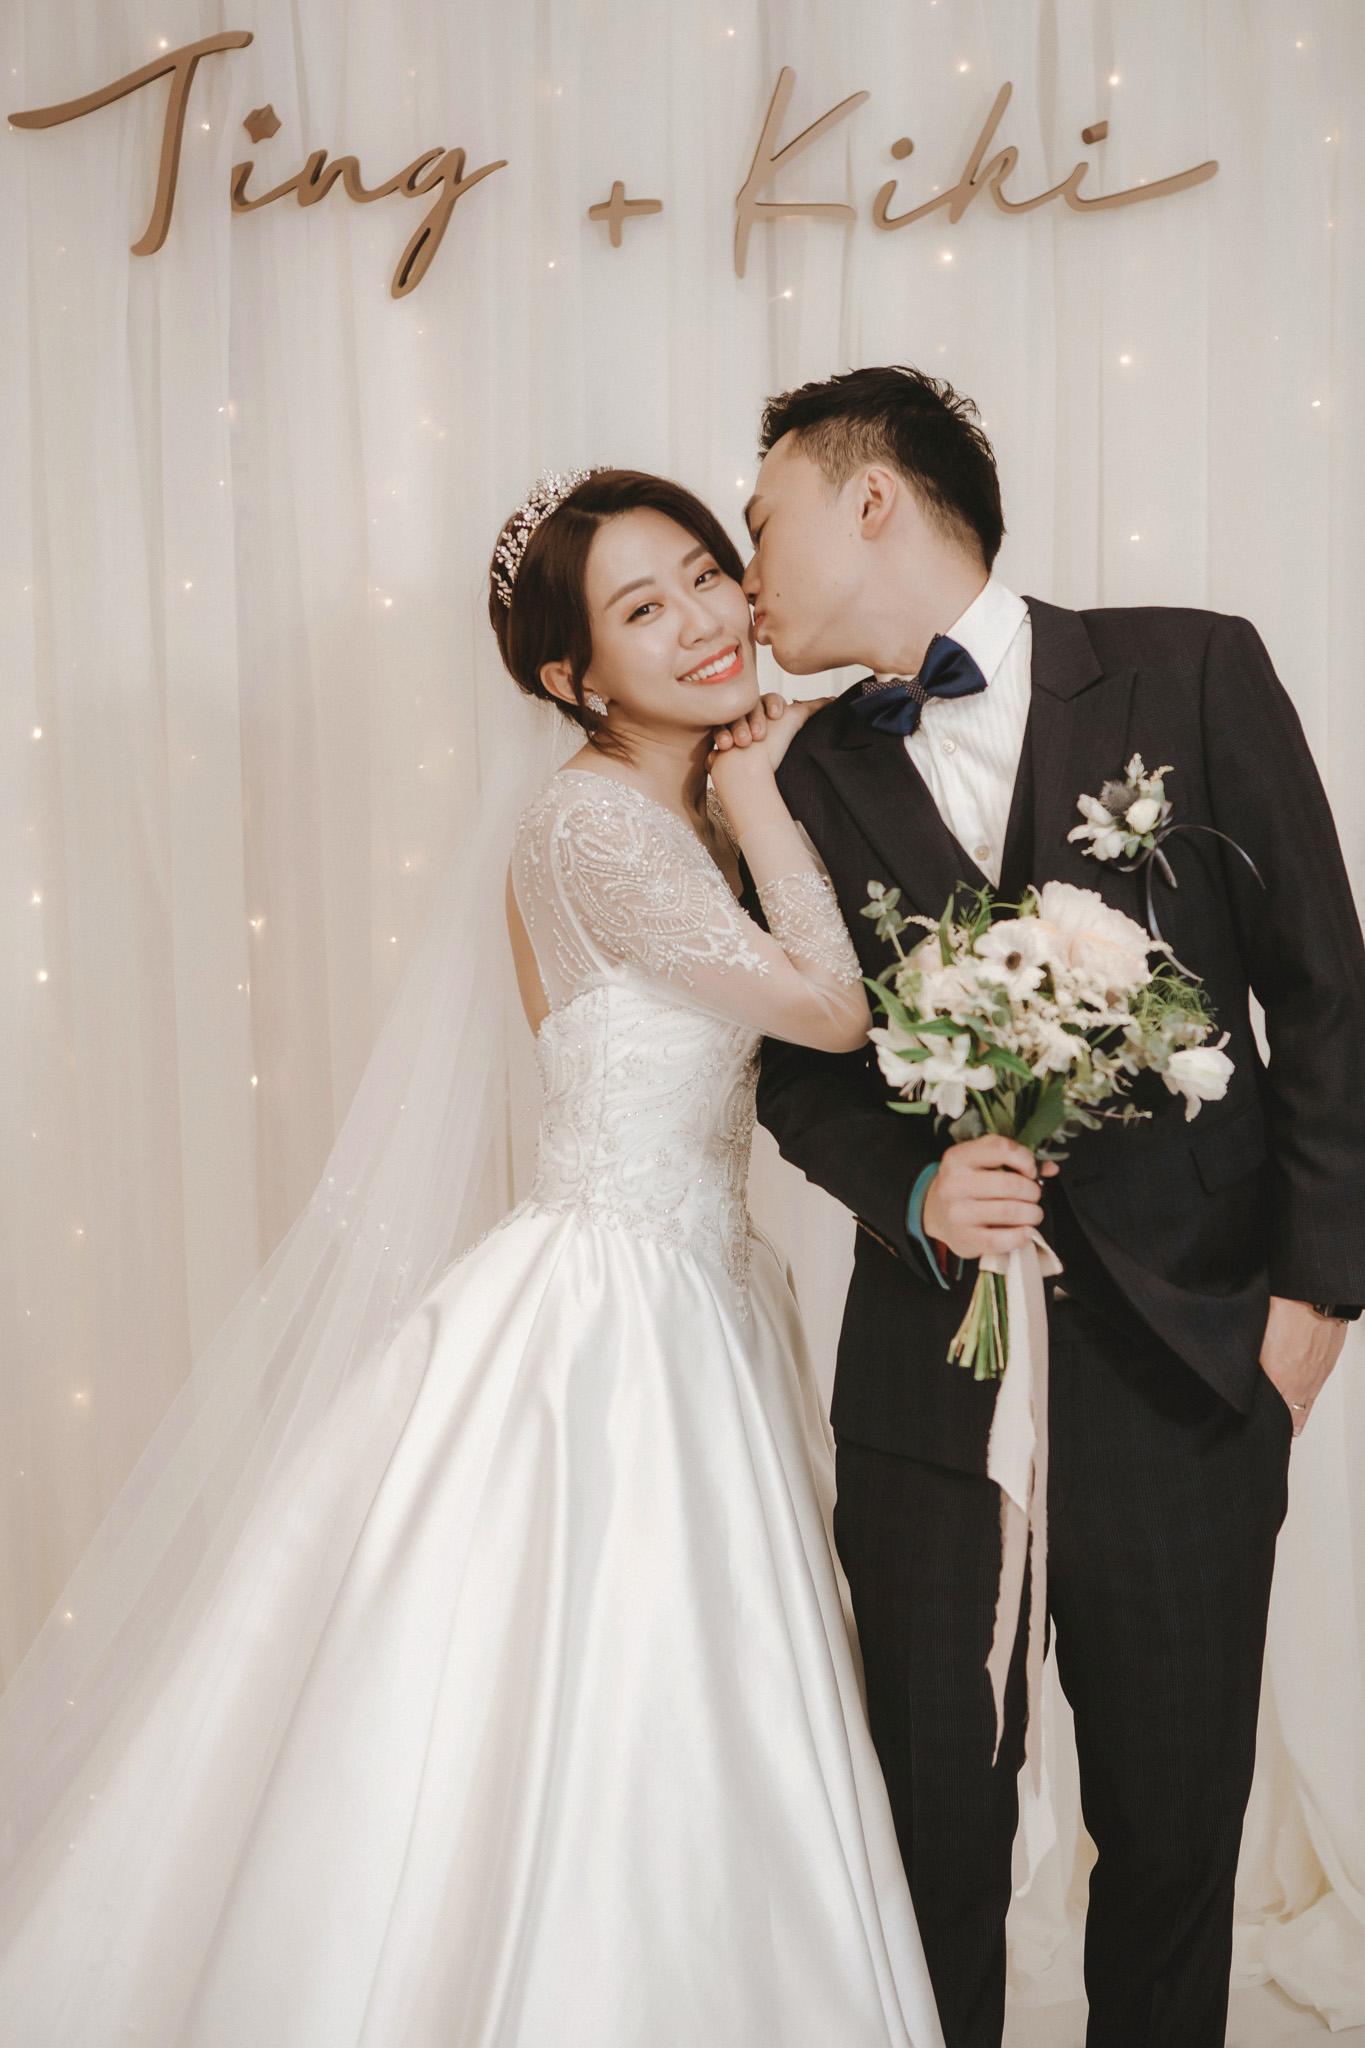 EW 居米 台北婚宴 台北婚紗 台北婚攝 國泰萬怡 台北婚禮 -42